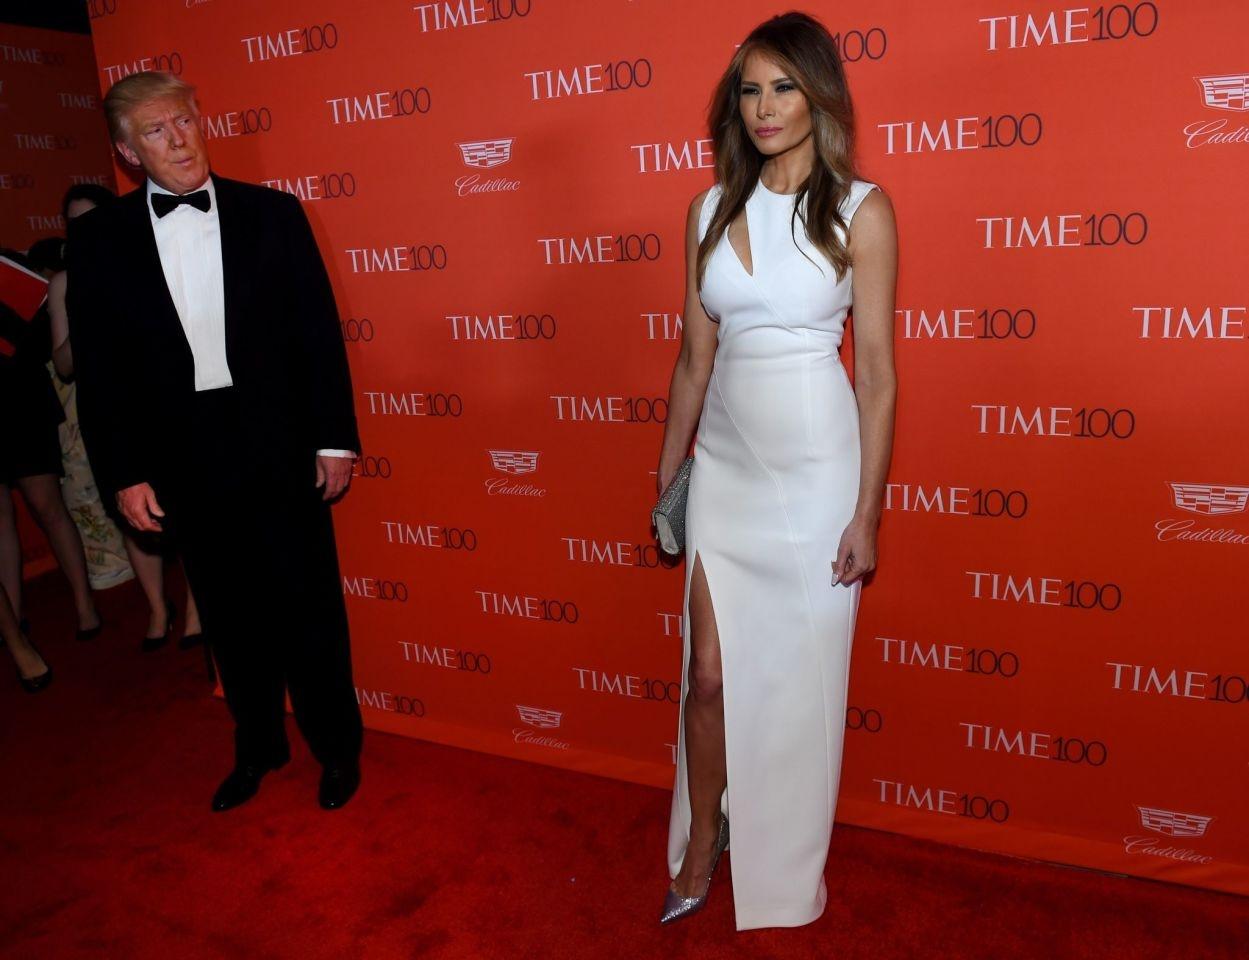 Мелании Трамп — 50! Вспоминаем лучшие образы первой леди США (ФОТО) - фото №5